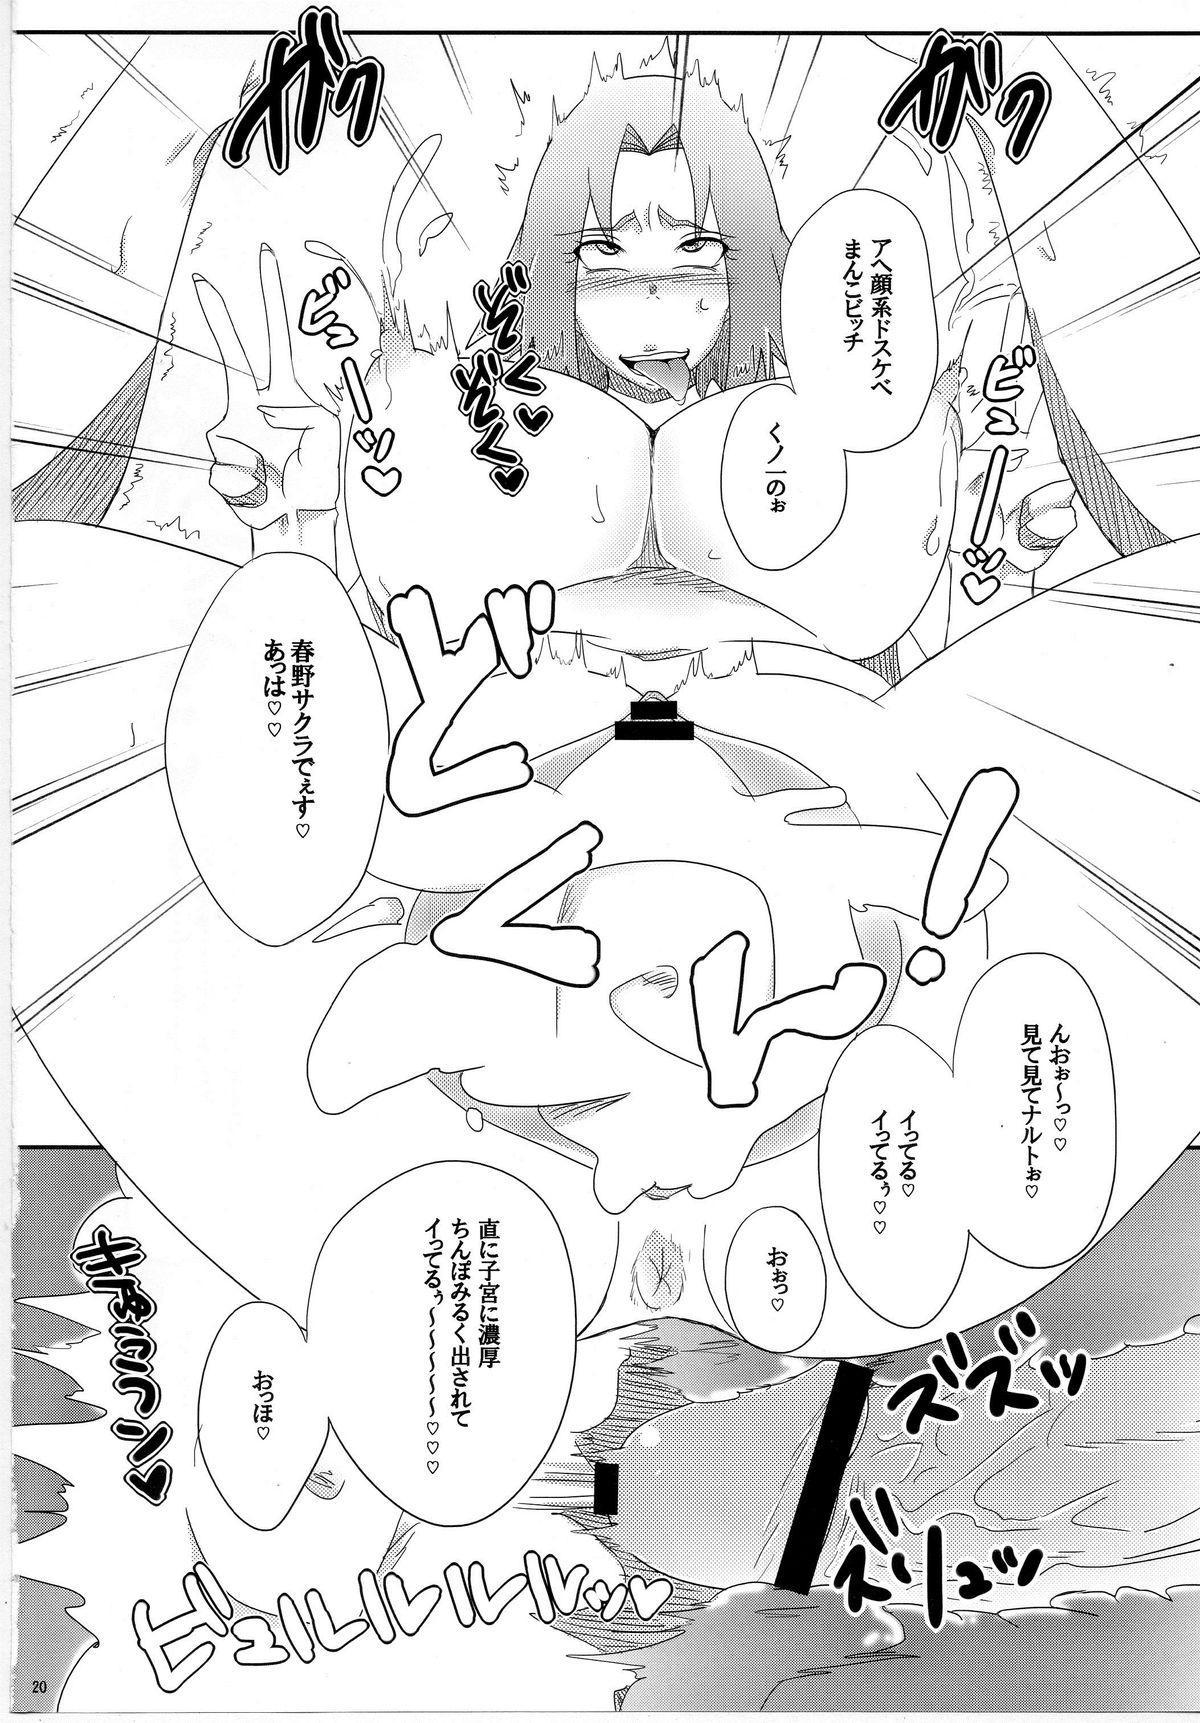 Sato Ichiban no! 18